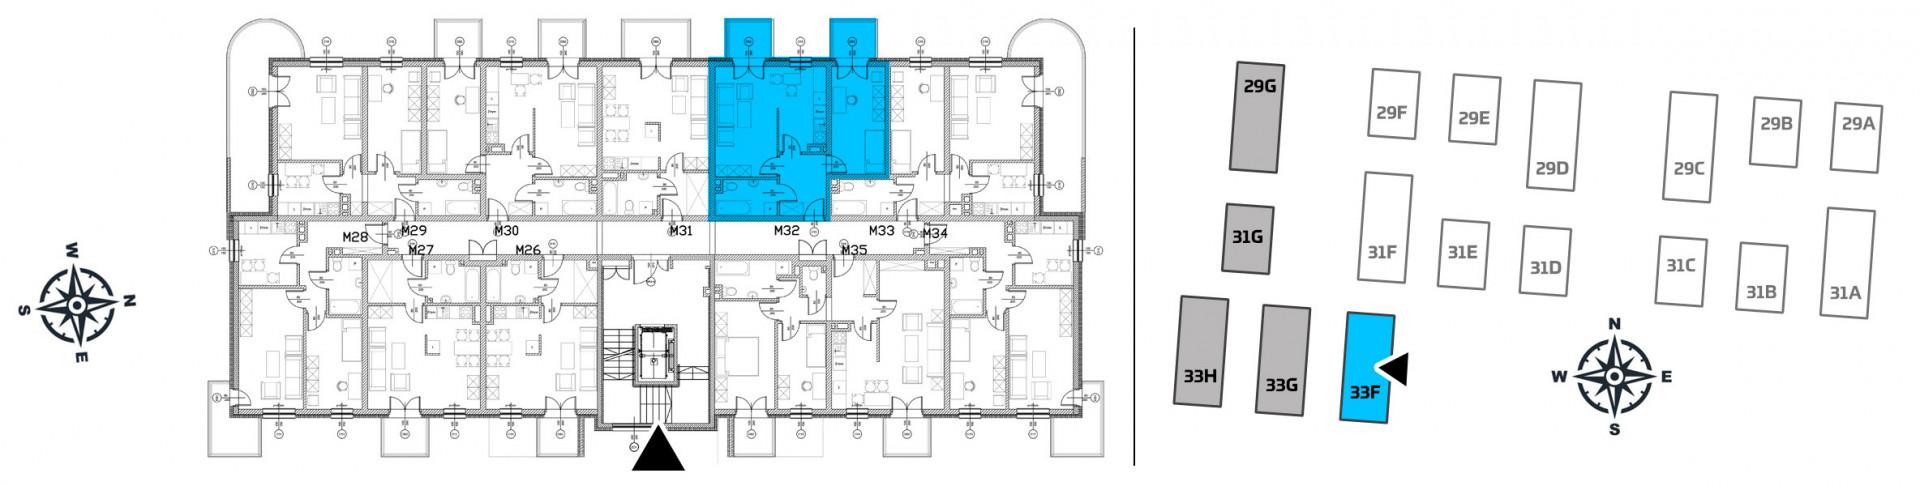 Mieszkanie dwupokojowe 33F/32 rzut 2